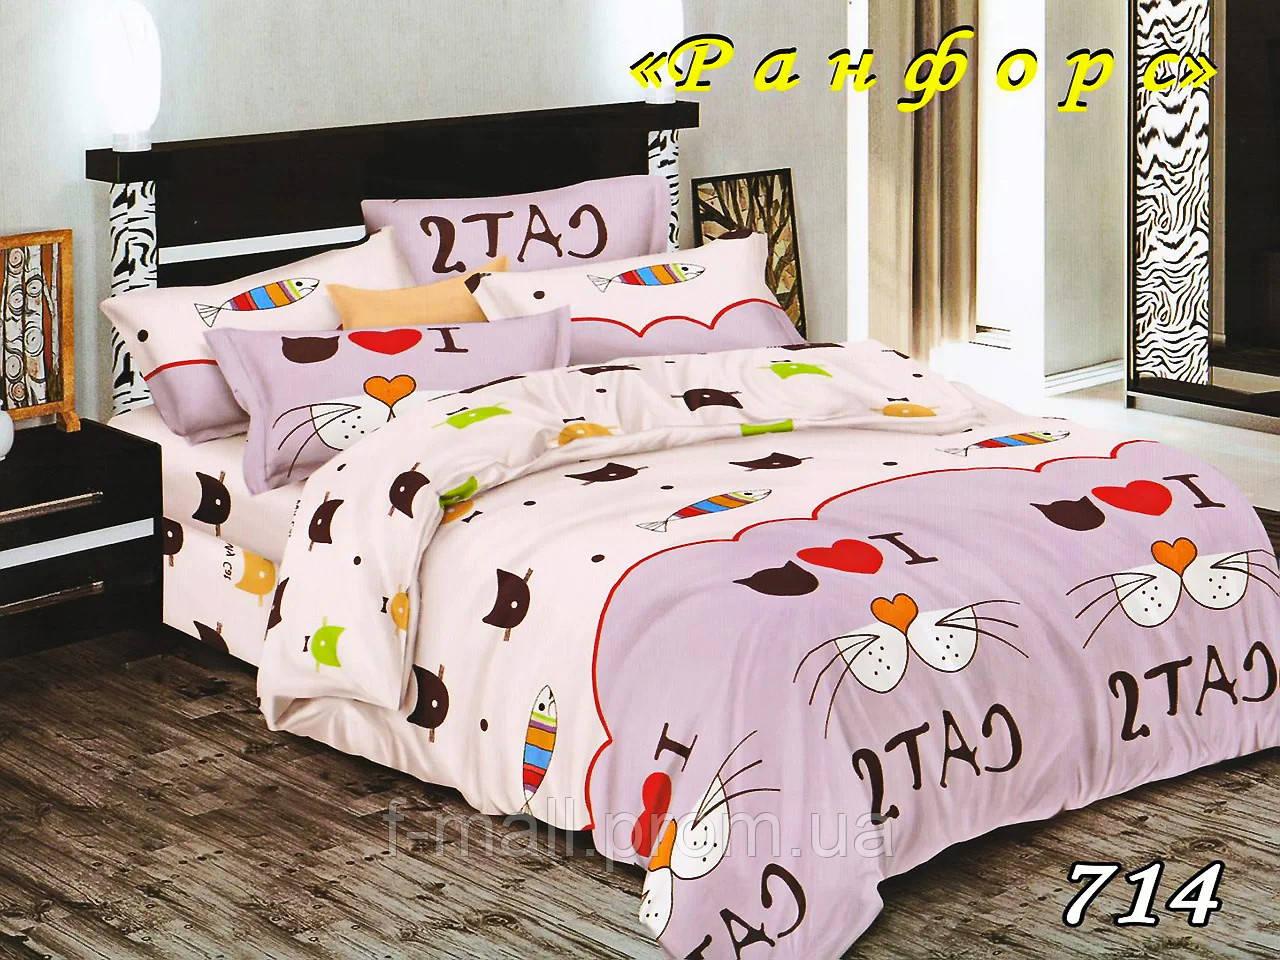 Комплект детского постельного белья Тет-А-Тет (Украина) ранфорс полуторное (714)